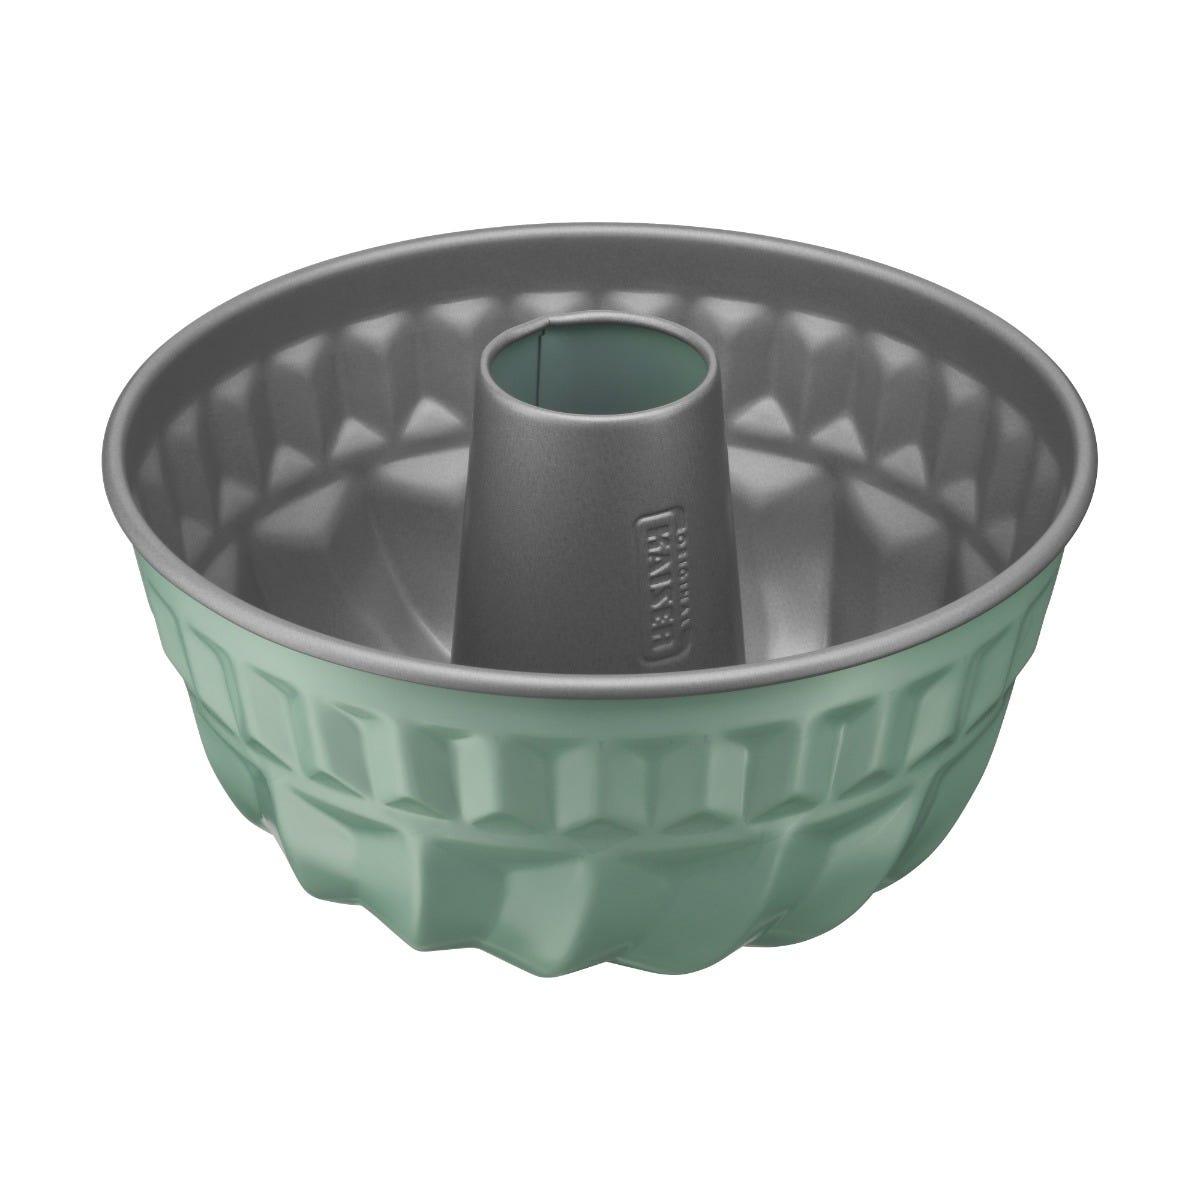 Molde Bundform Kaiser color verde pastel